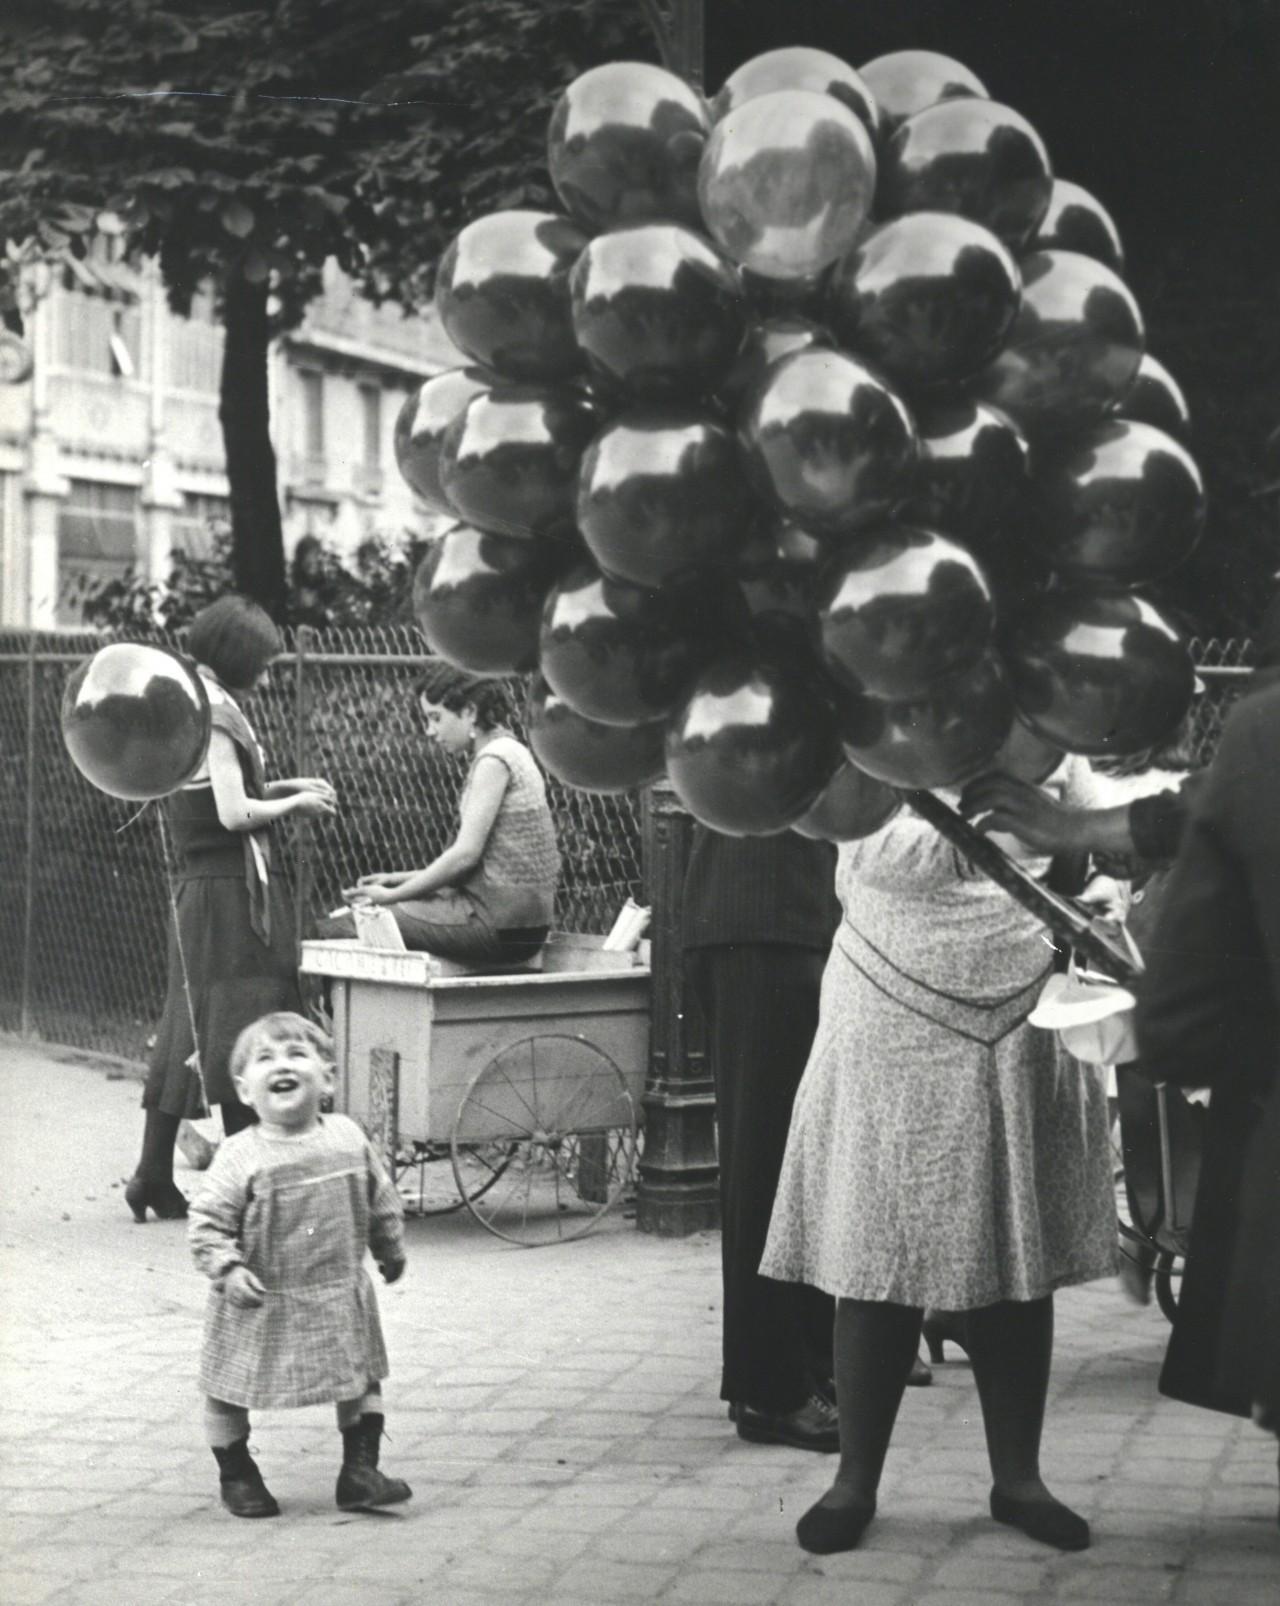 Первый шар, Париж, 1931-1932. Фотограф Брассаи